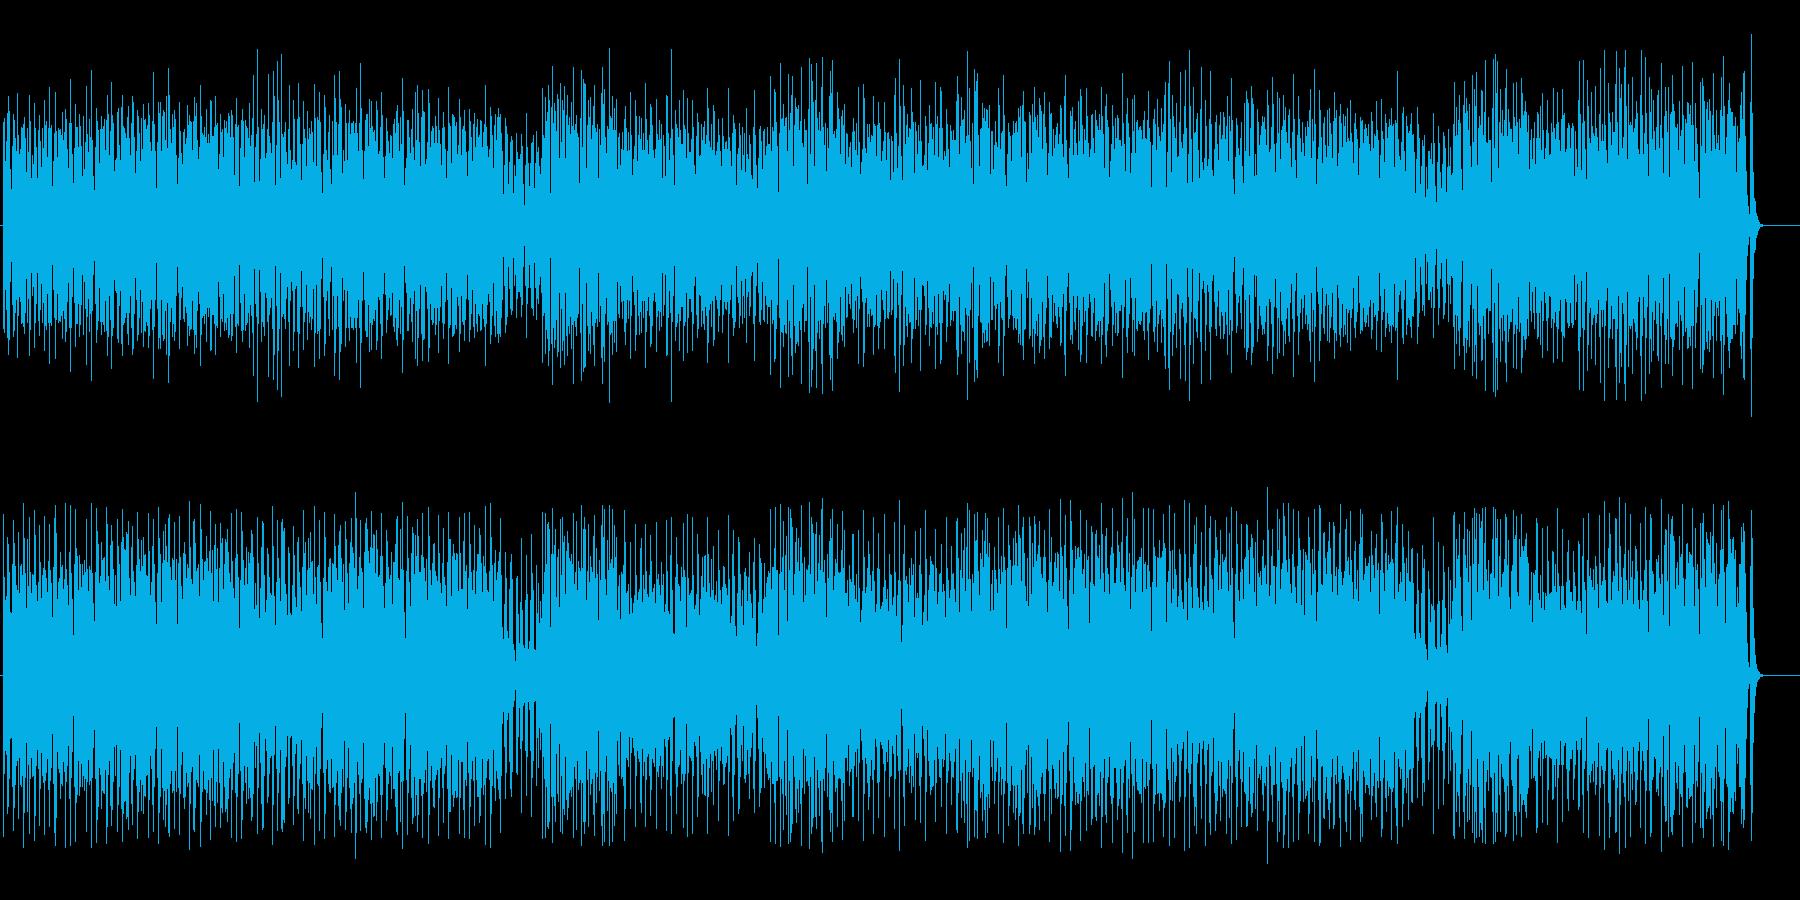 大草原に轟くアフリカ民族音楽風の再生済みの波形